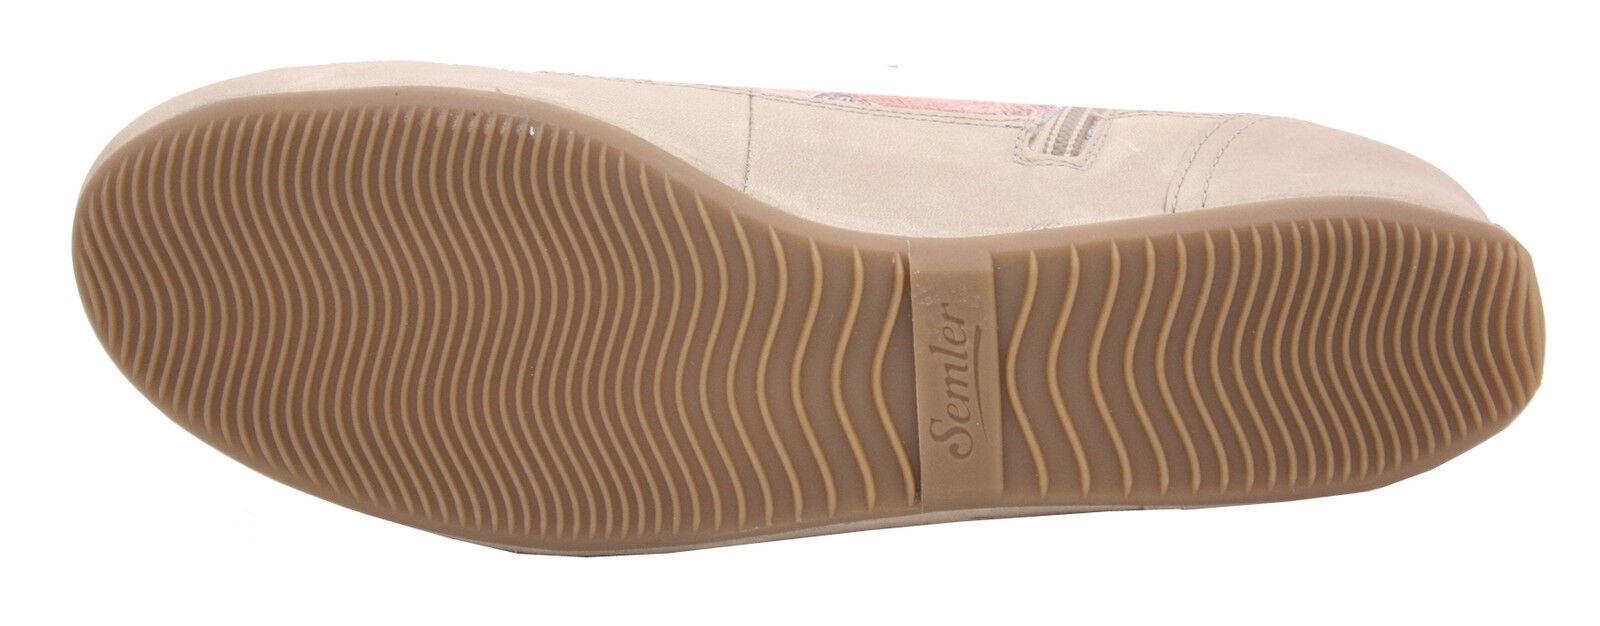 SEMLER SEMLER SEMLER Sneaker Schnürer Tracy T45161-105-768 stein/altrosa 28693b